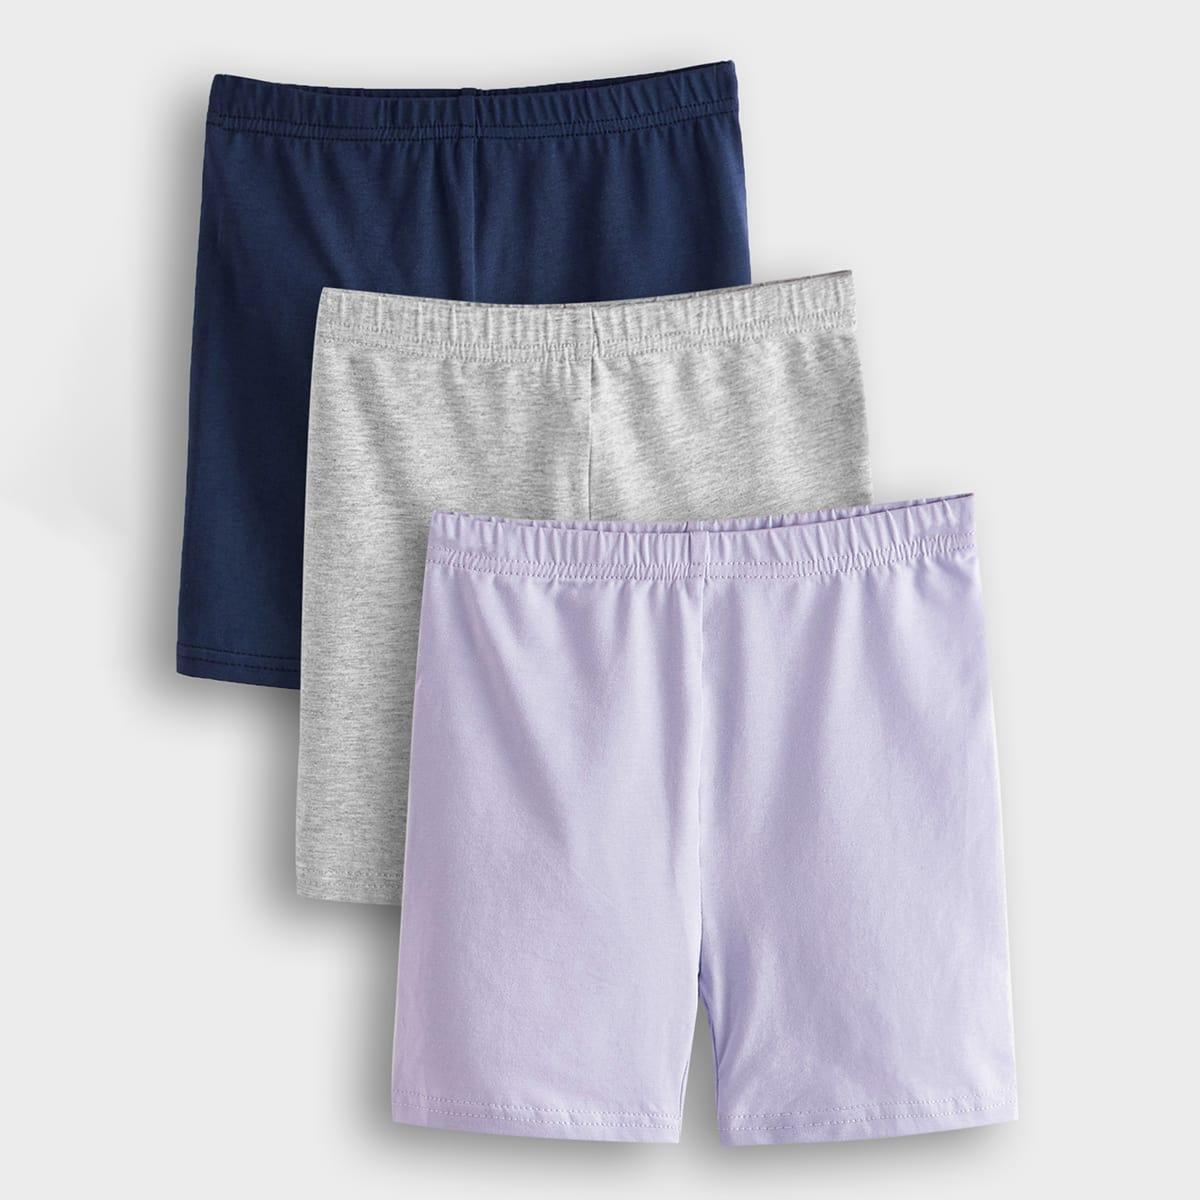 Байкерские шорты для девочек 3шт